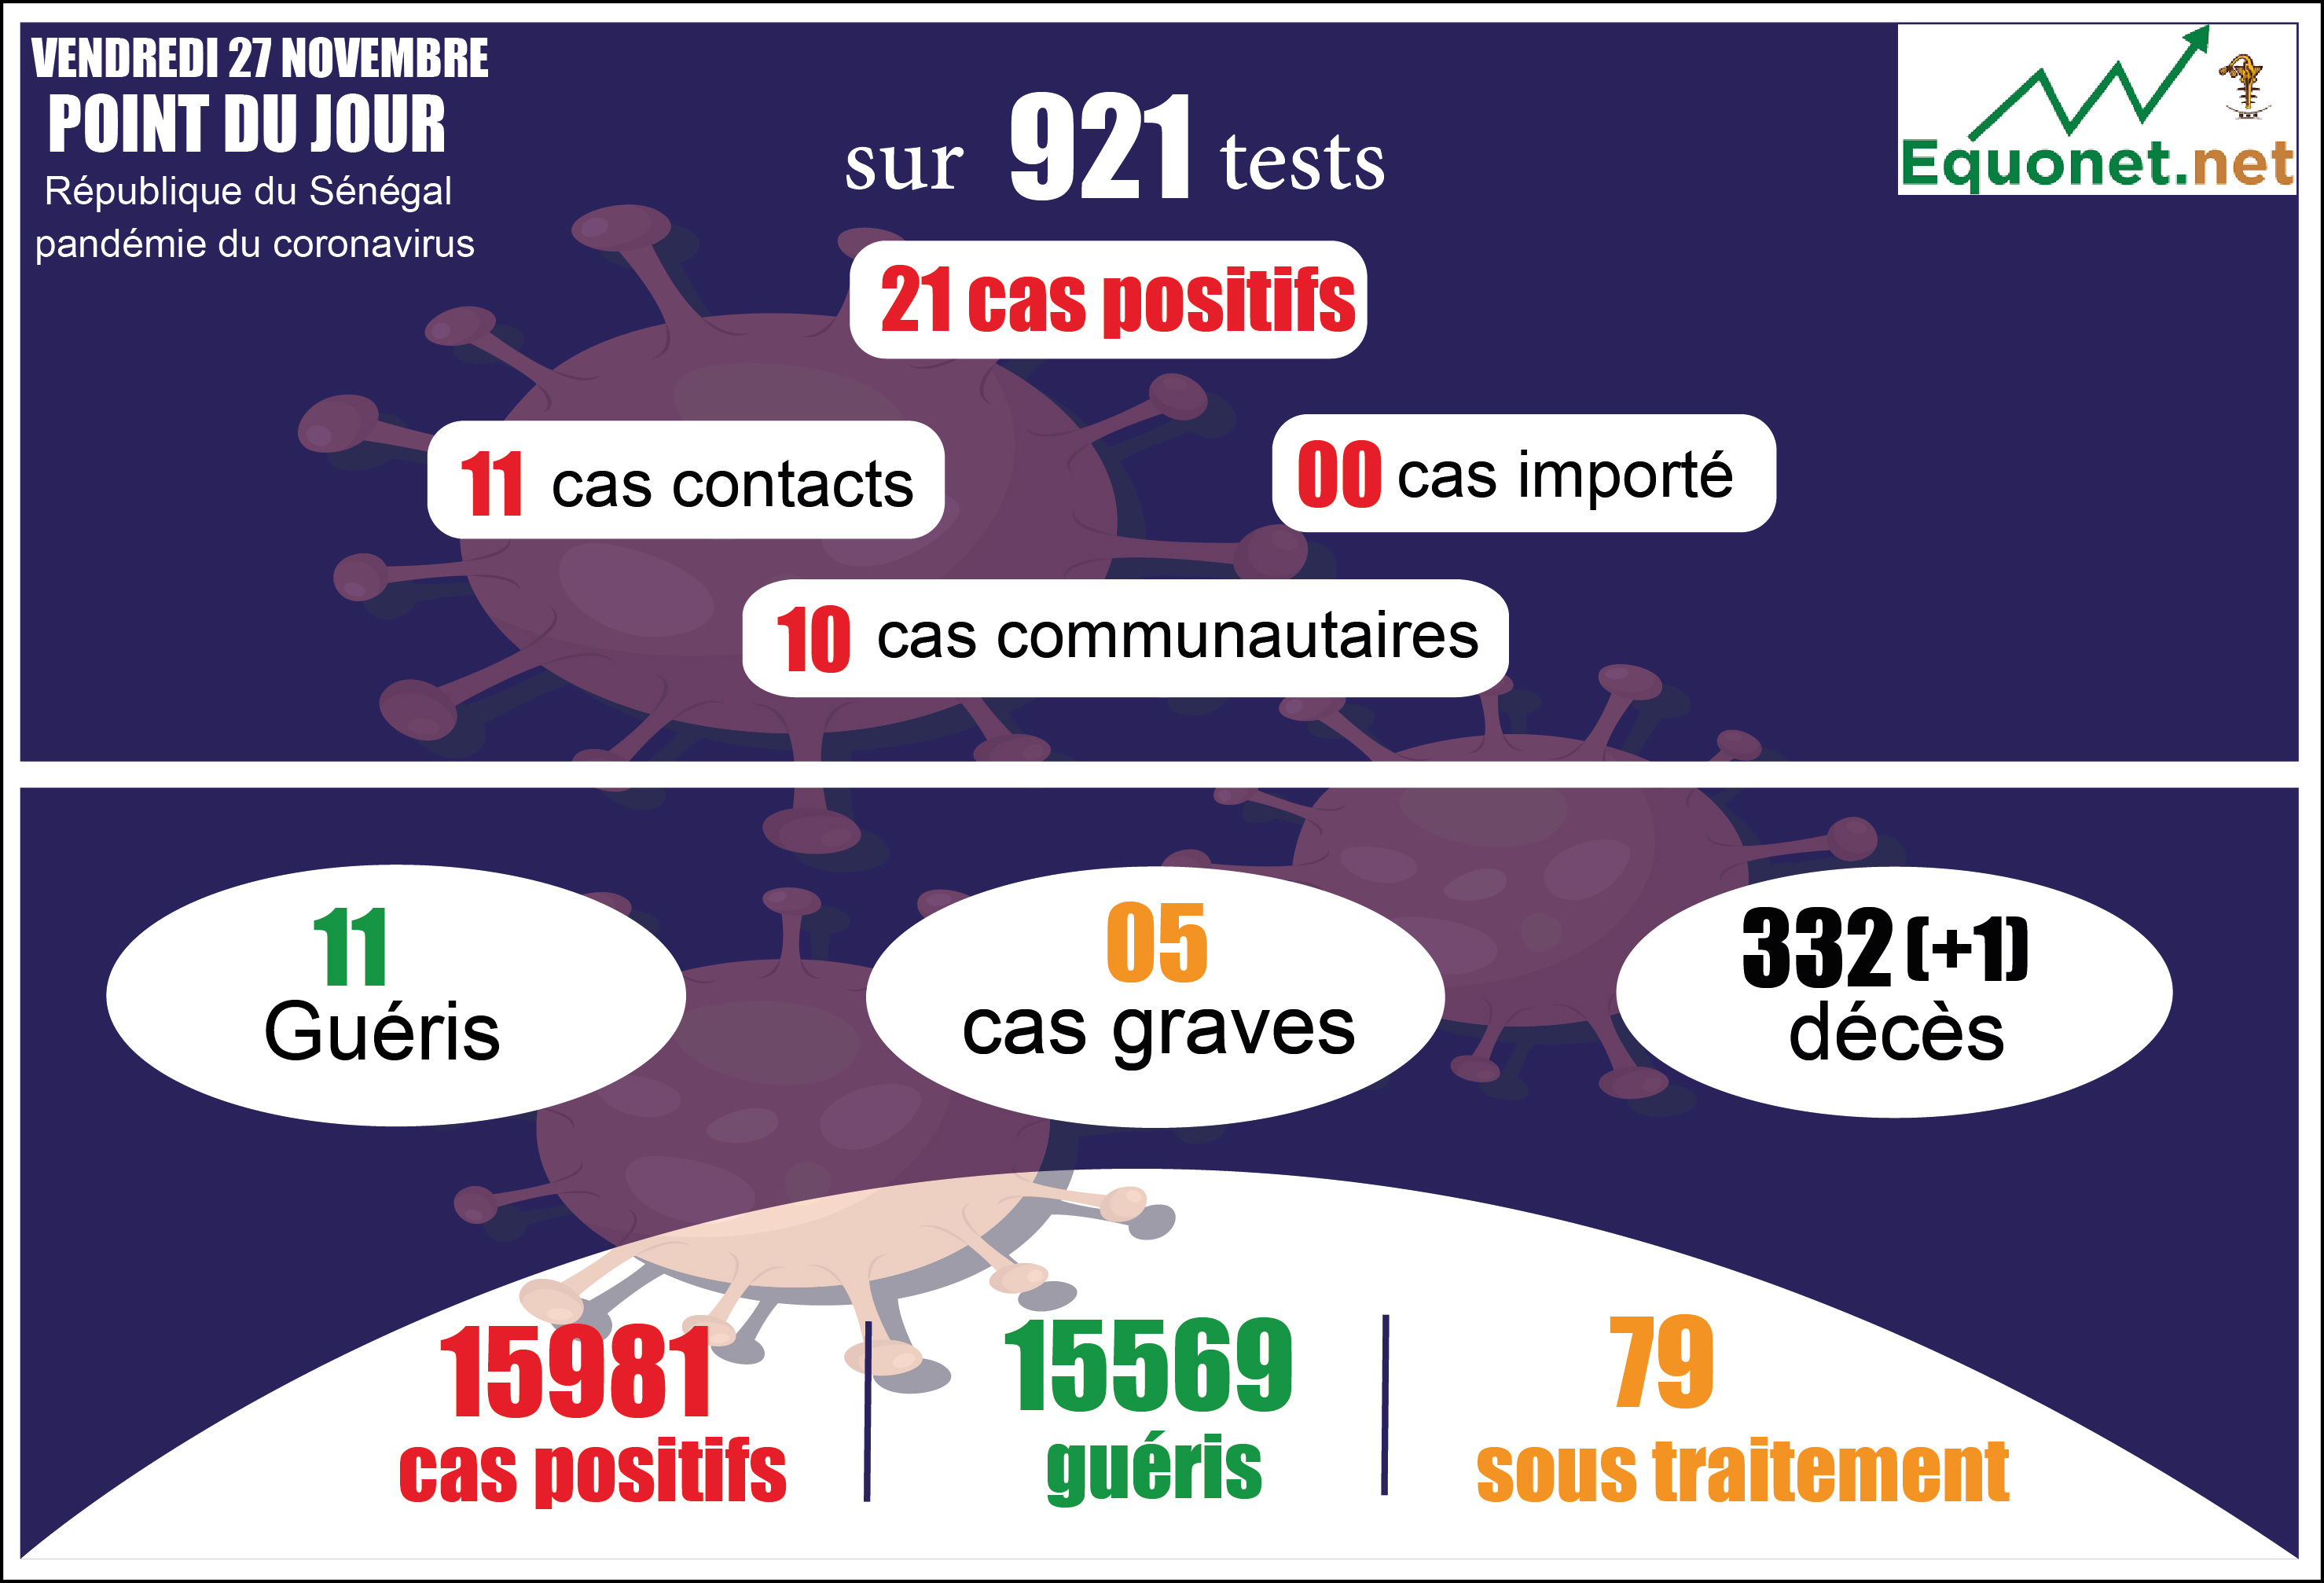 pandémie du coronavirus-covid-19 au sénégal : point de situation du vendredi 27 novembre 2020